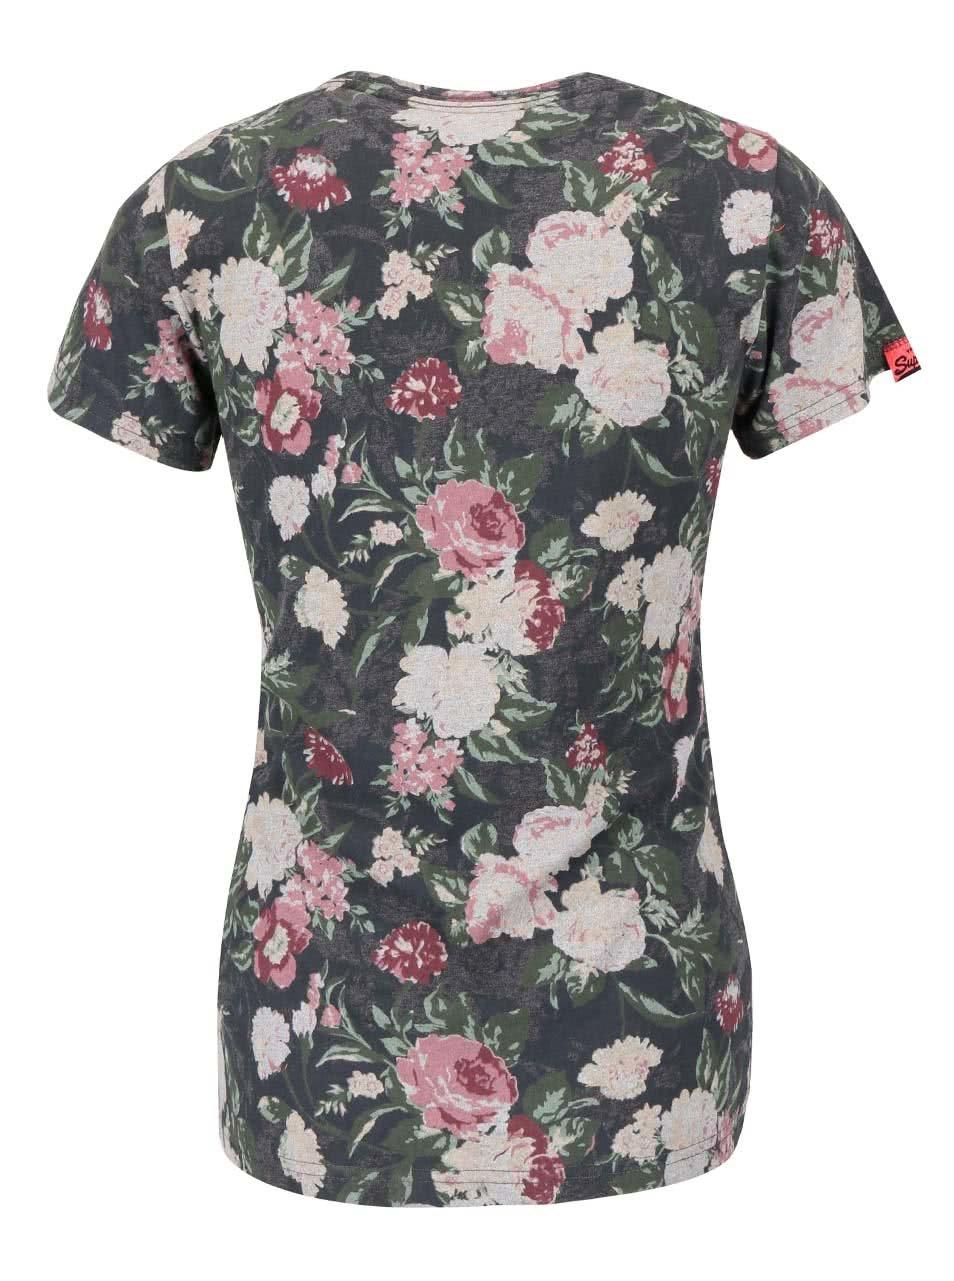 f5cf43f675c18 Zelené dámske kvetinové tričko s nápisom Superdry | ZOOT.sk